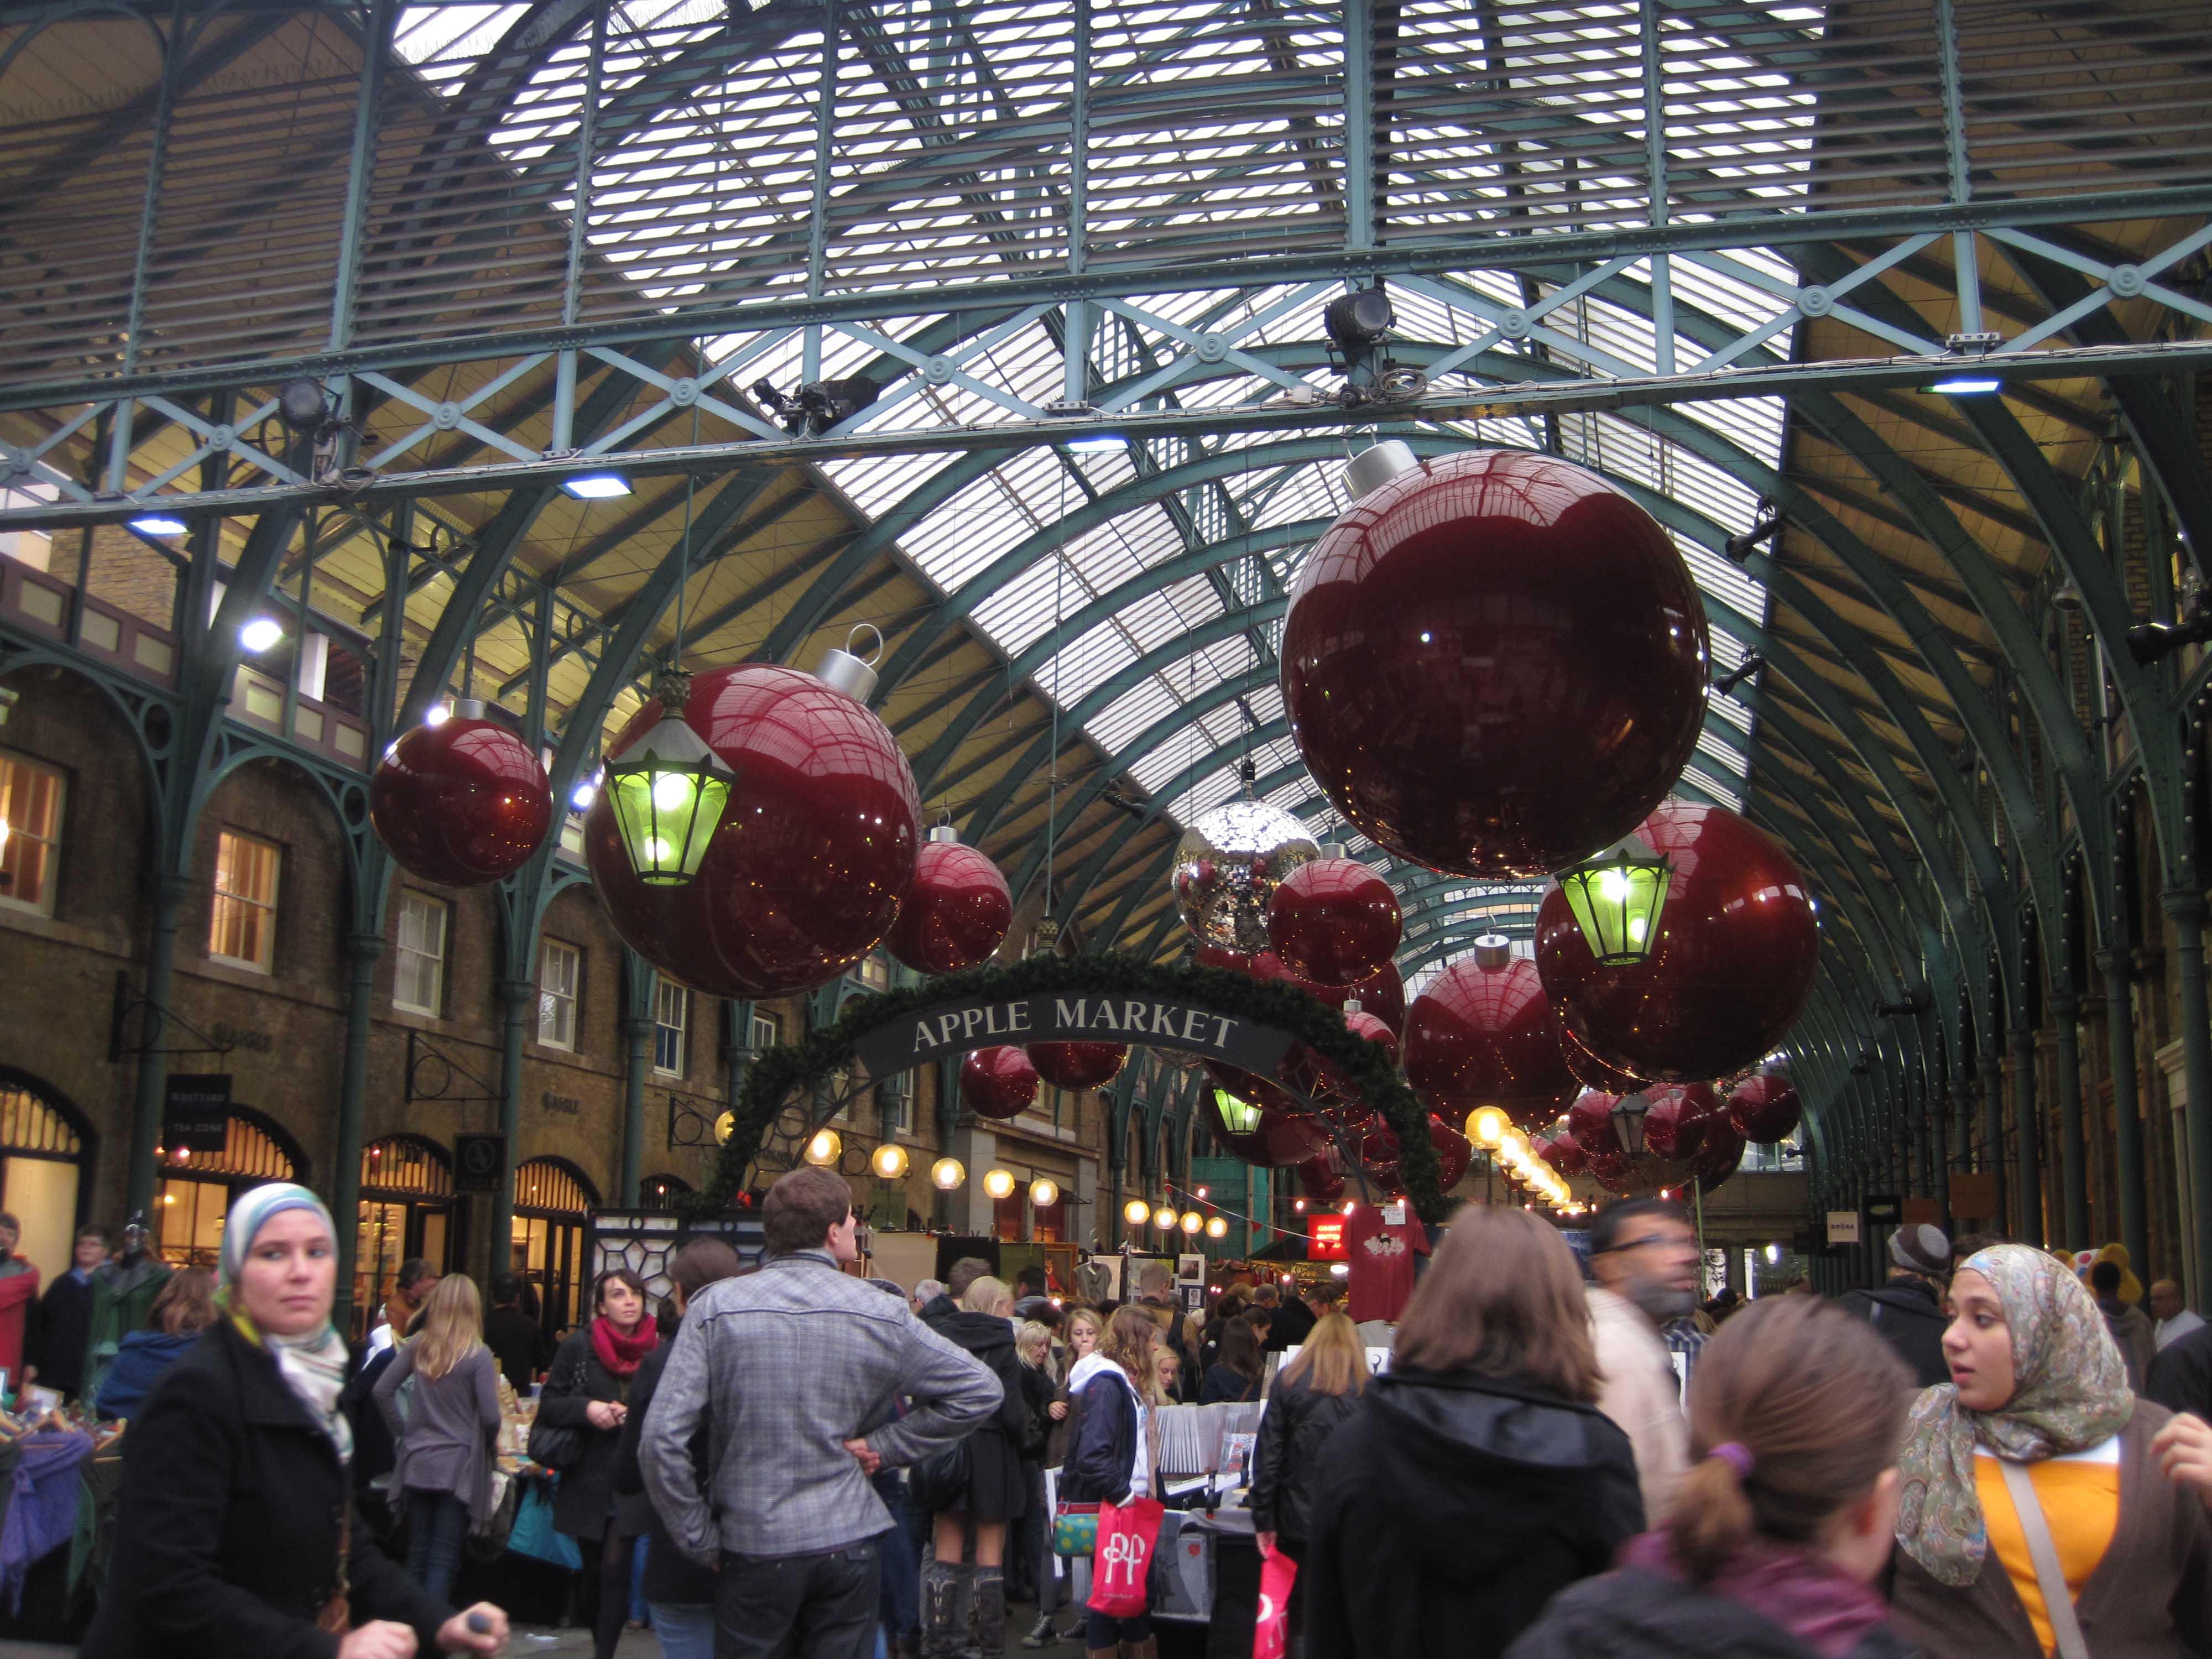 El Apple Market de Londres vestido de navidad